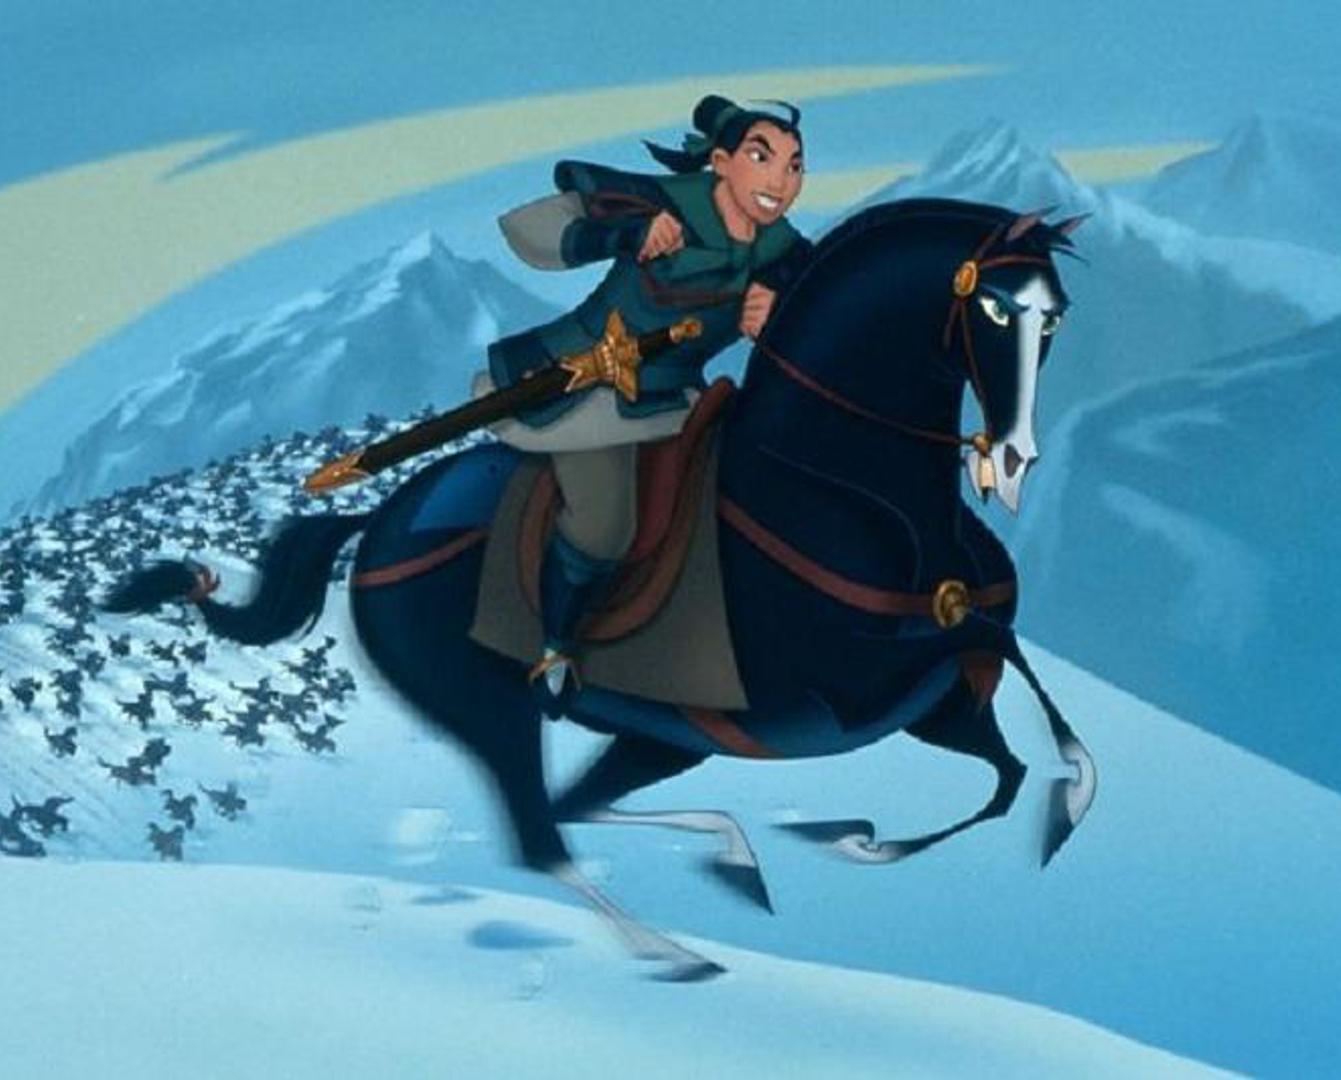 Қазақстандық каскадерлар Disney фильміне түседі